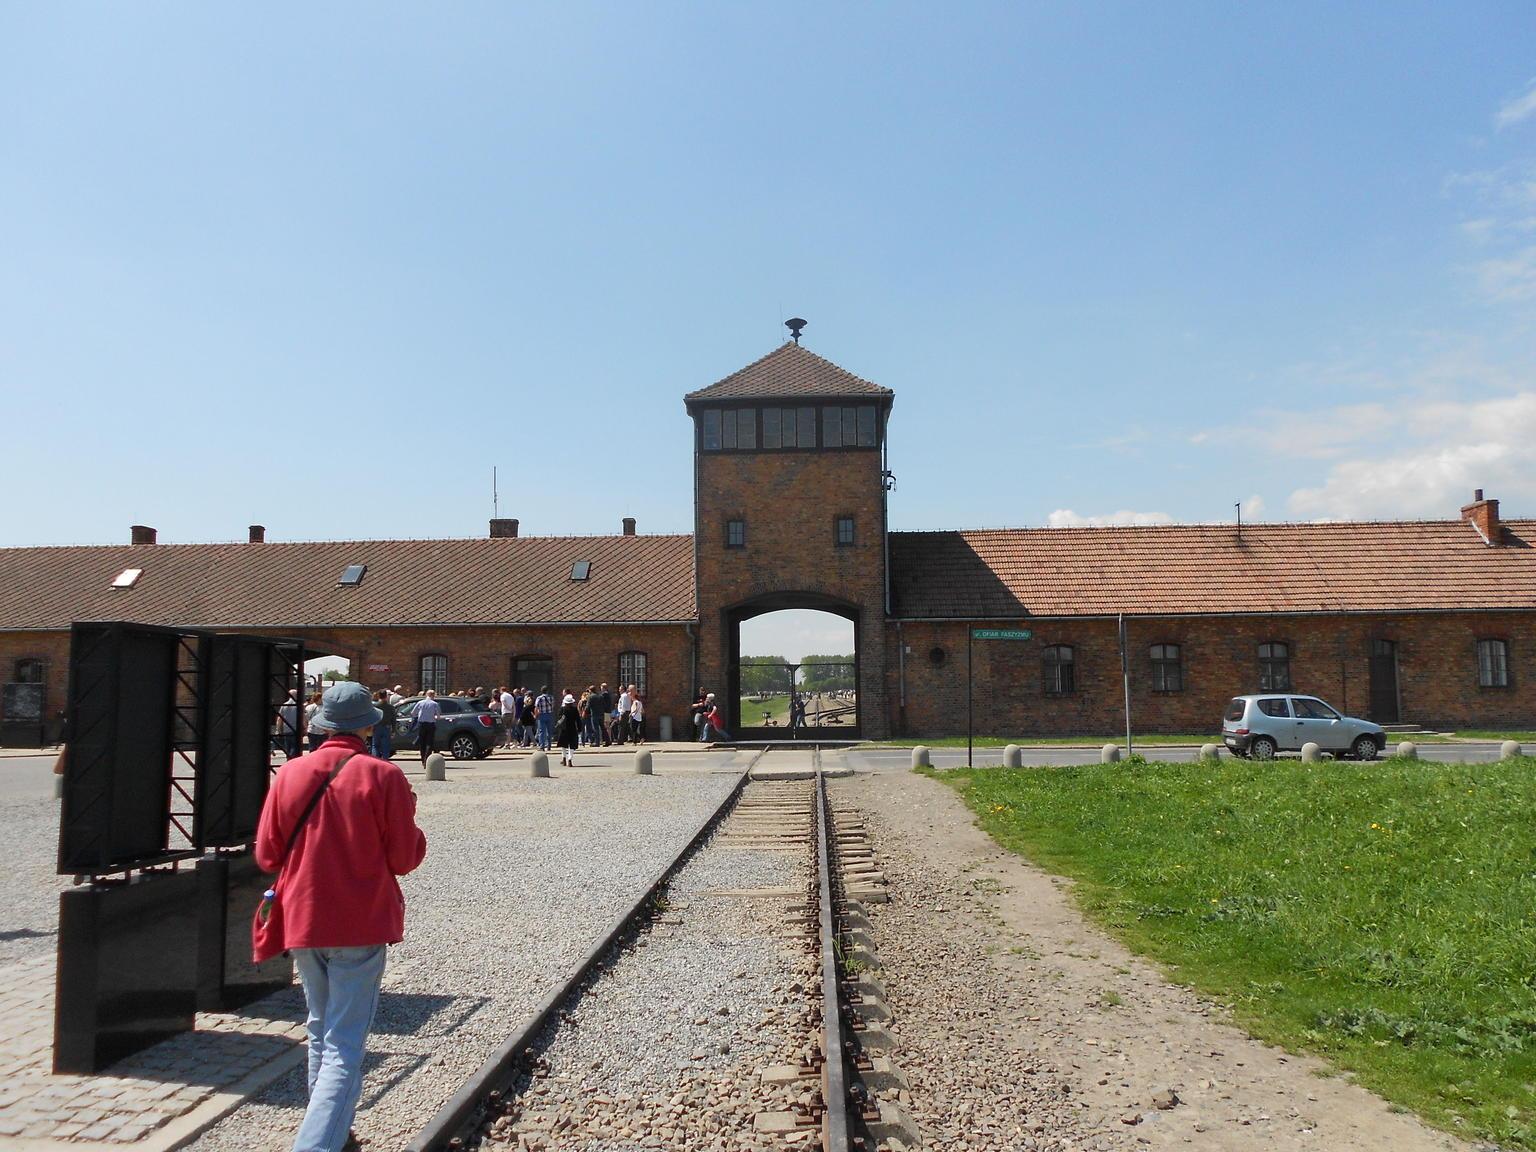 MAIS FOTOS, Excursão particular ou compartilhada ao Memorial e Museu de Auschwitz-Birkenau saindo de Krakow